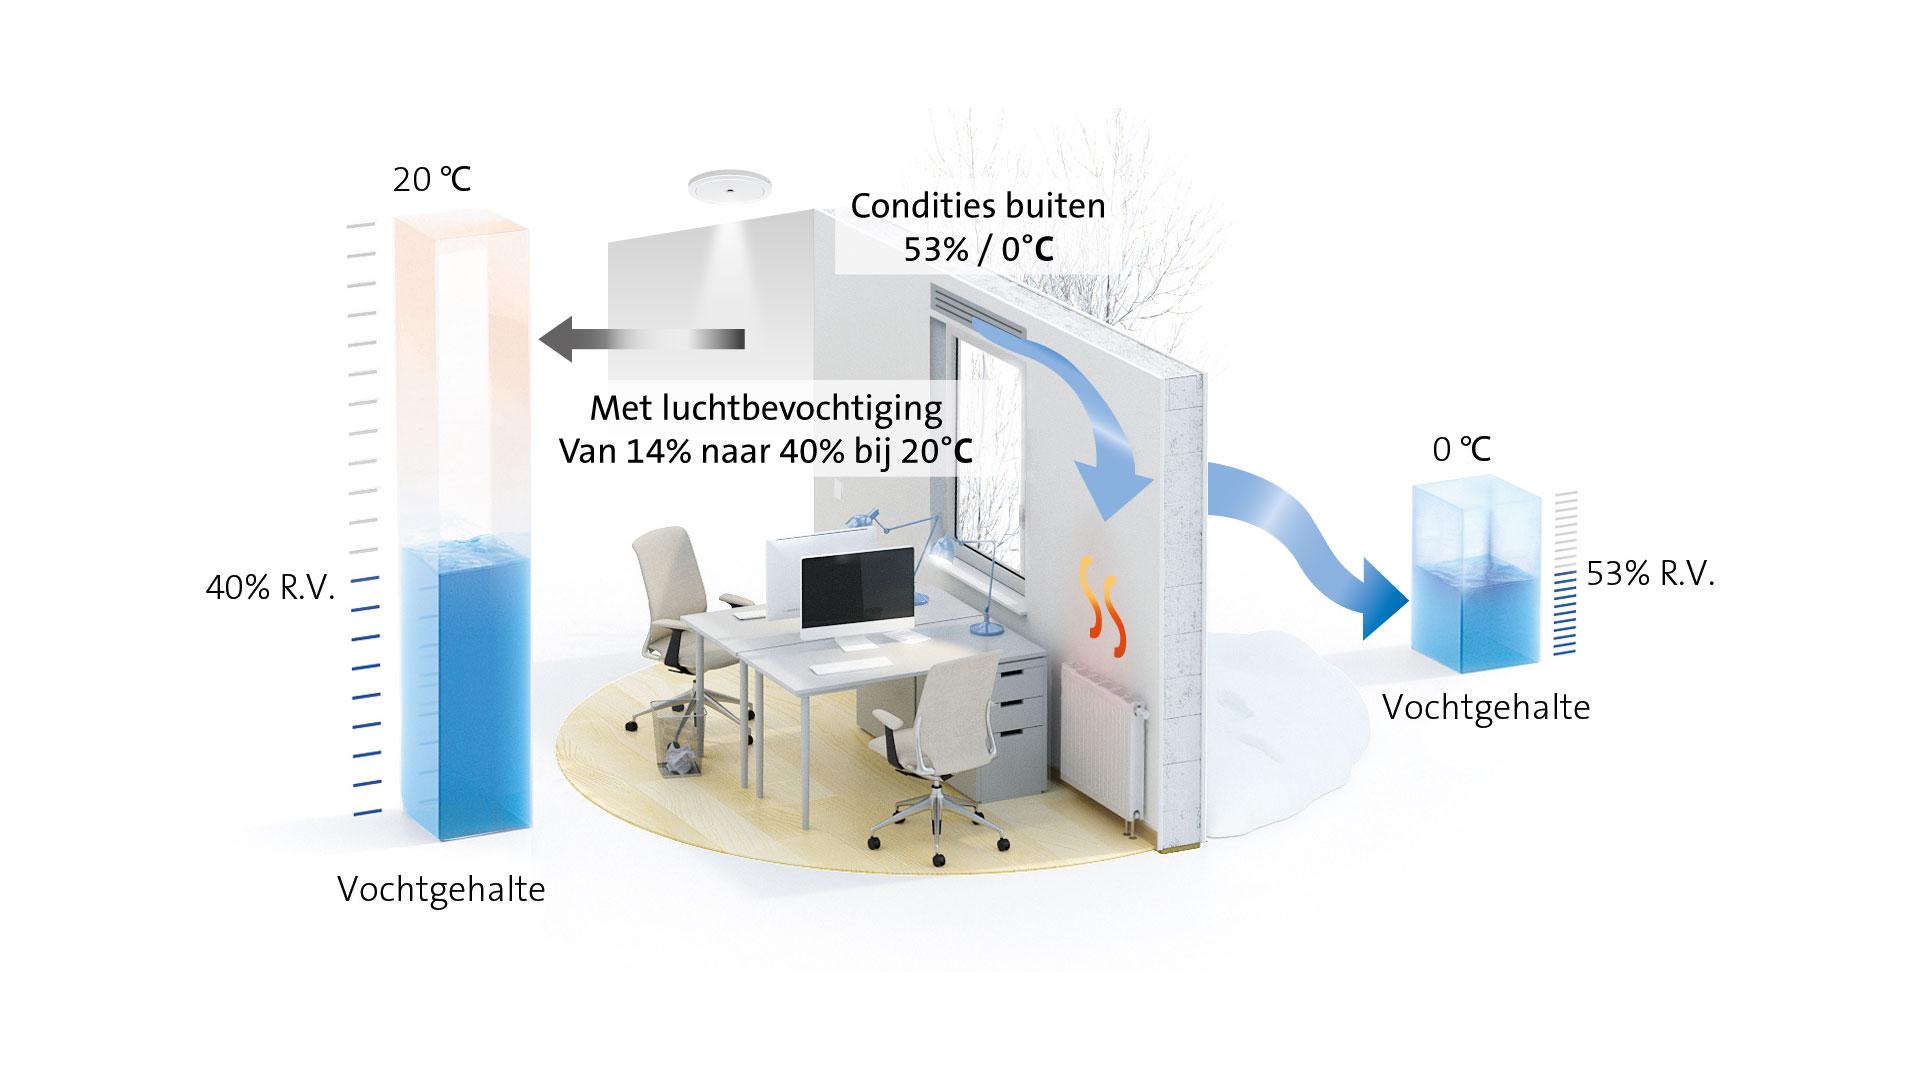 De juiste luchtvochtigheid door luchtbevochtiger